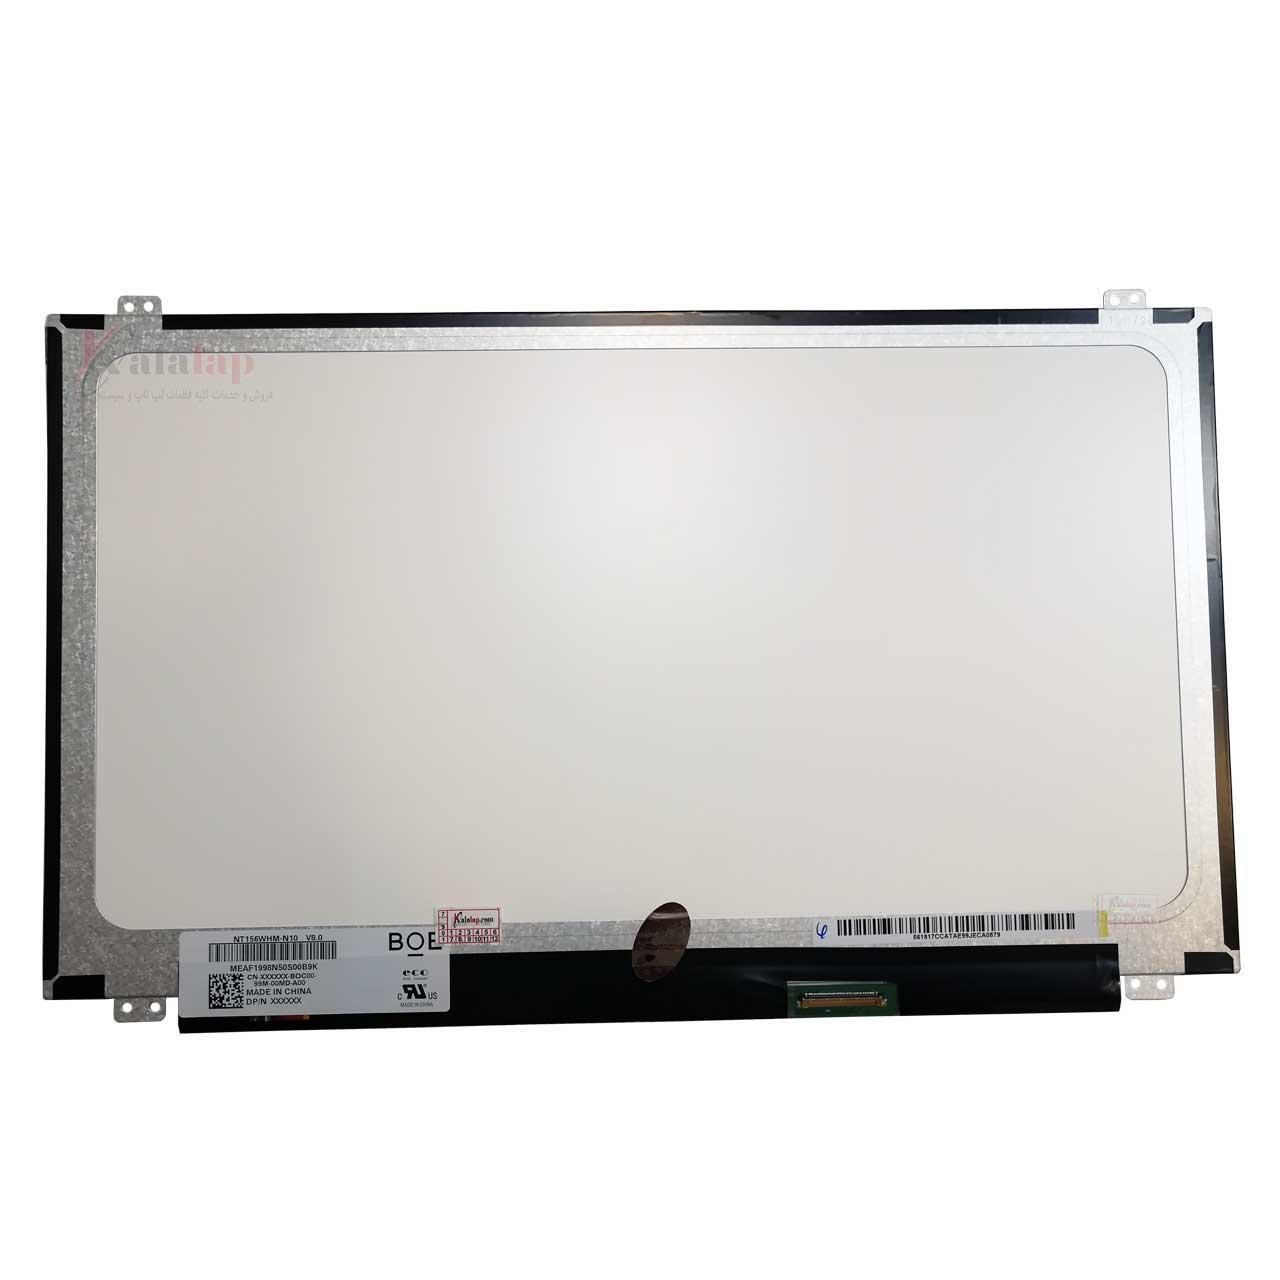 ال ای دی لپ تاپ LED LAPTOP 15.6 SLIM 40PIN